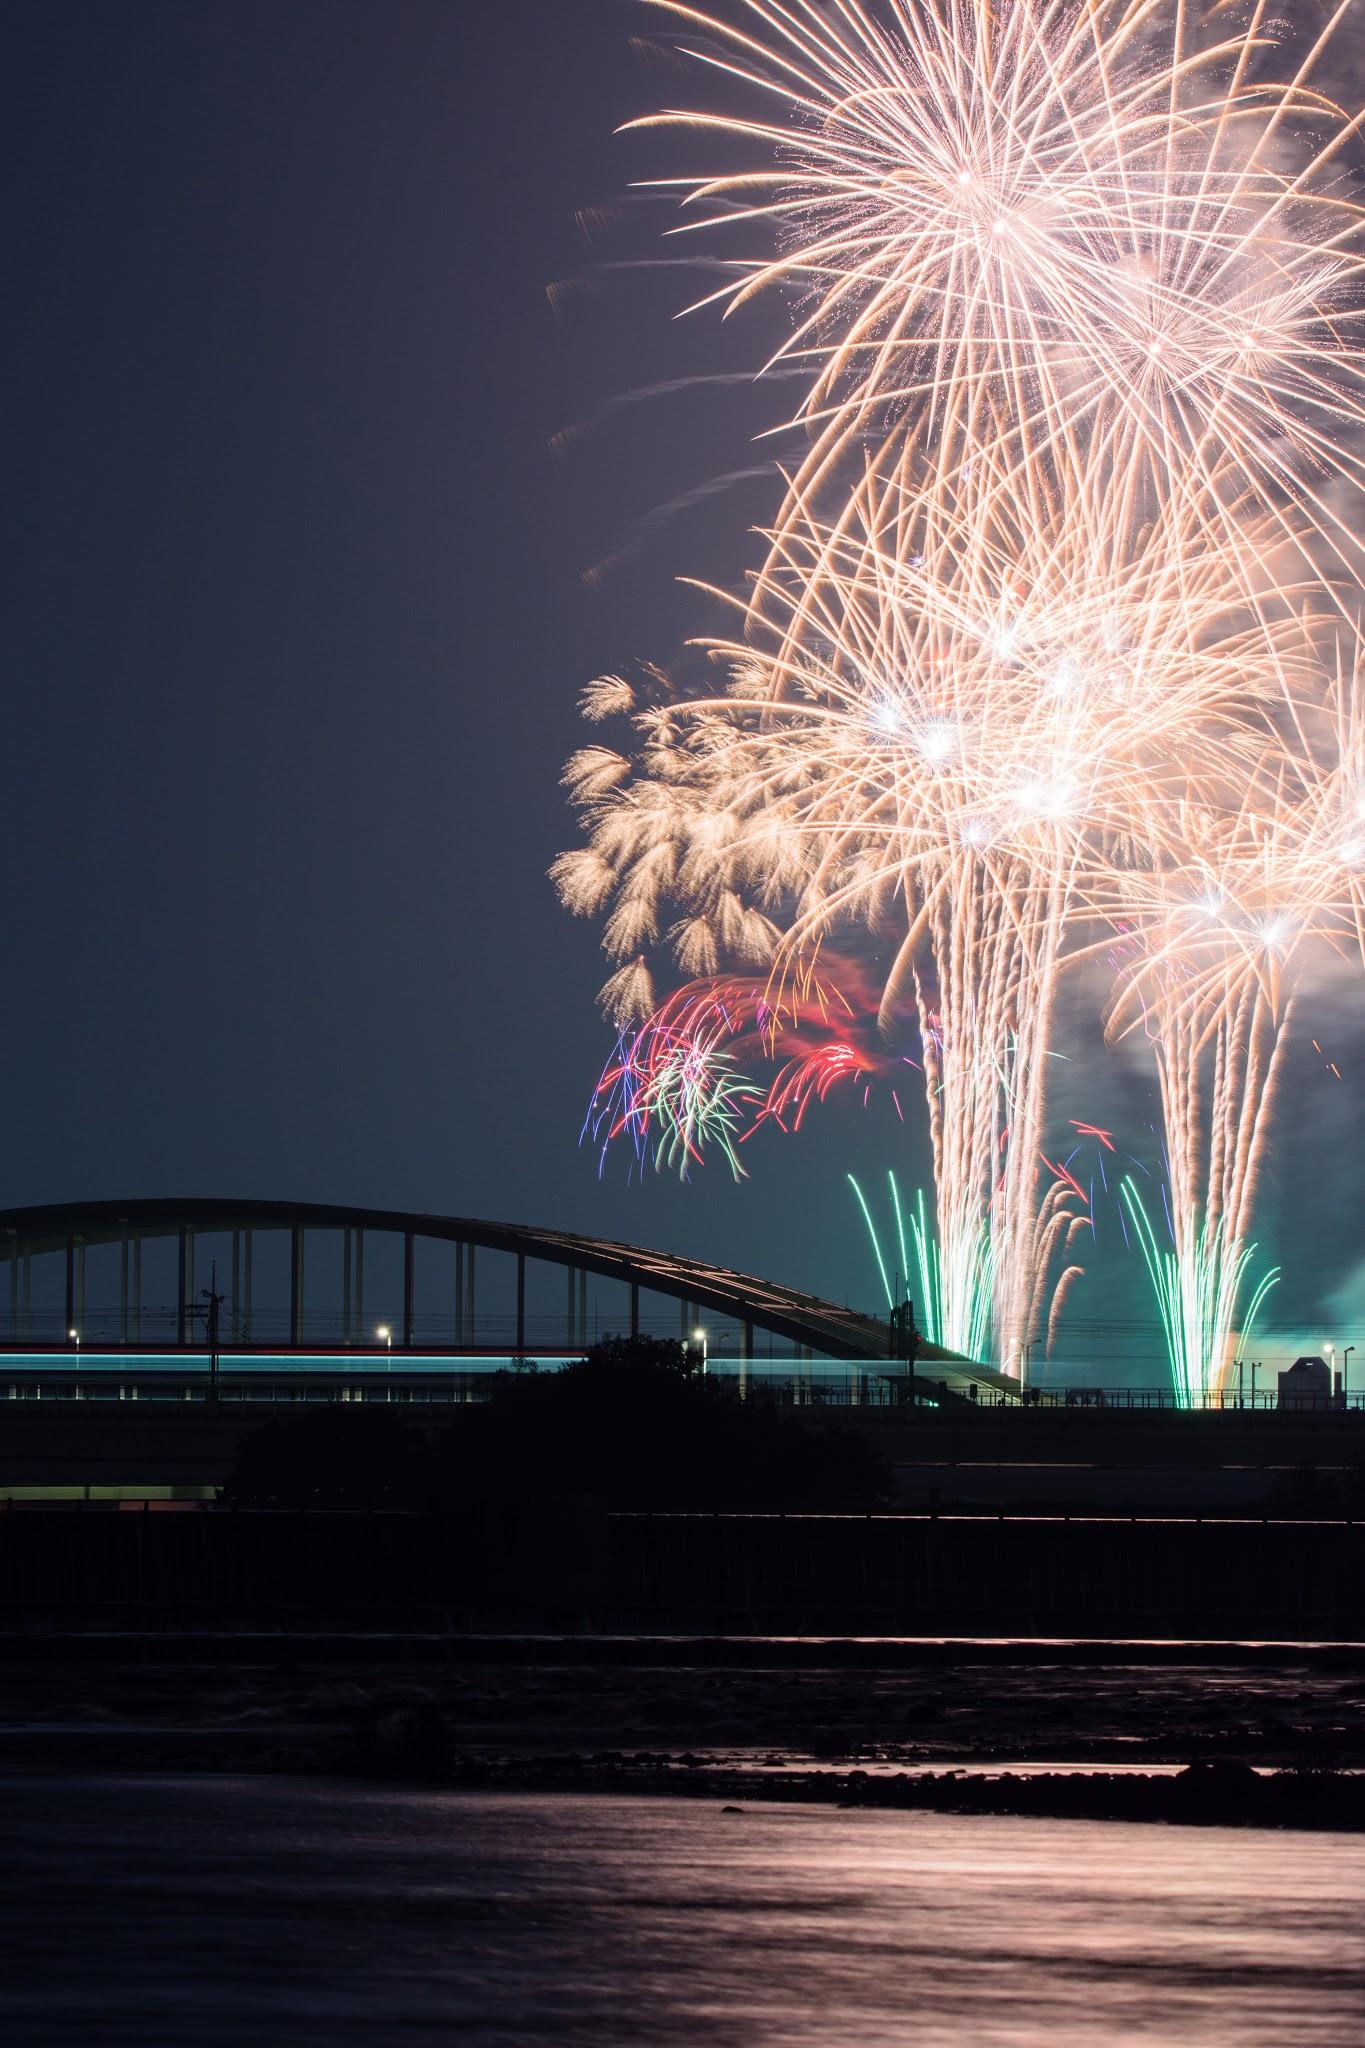 """Photo: 流れ Flow.  ゆったりとした川の流れ 絶え間ない人の流れ 一瞬を刻む一時の花 記憶に輝きを残し 暑い季節が過ぎ去っていく  (映画のまち調布""""夏""""花火2015)  #cooljapan #hanabi2015 #nikon #sigma #fireworks  Nikon D7200 SIGMA 150-600mm F5-6.3 DG OS HSM Contemporary"""